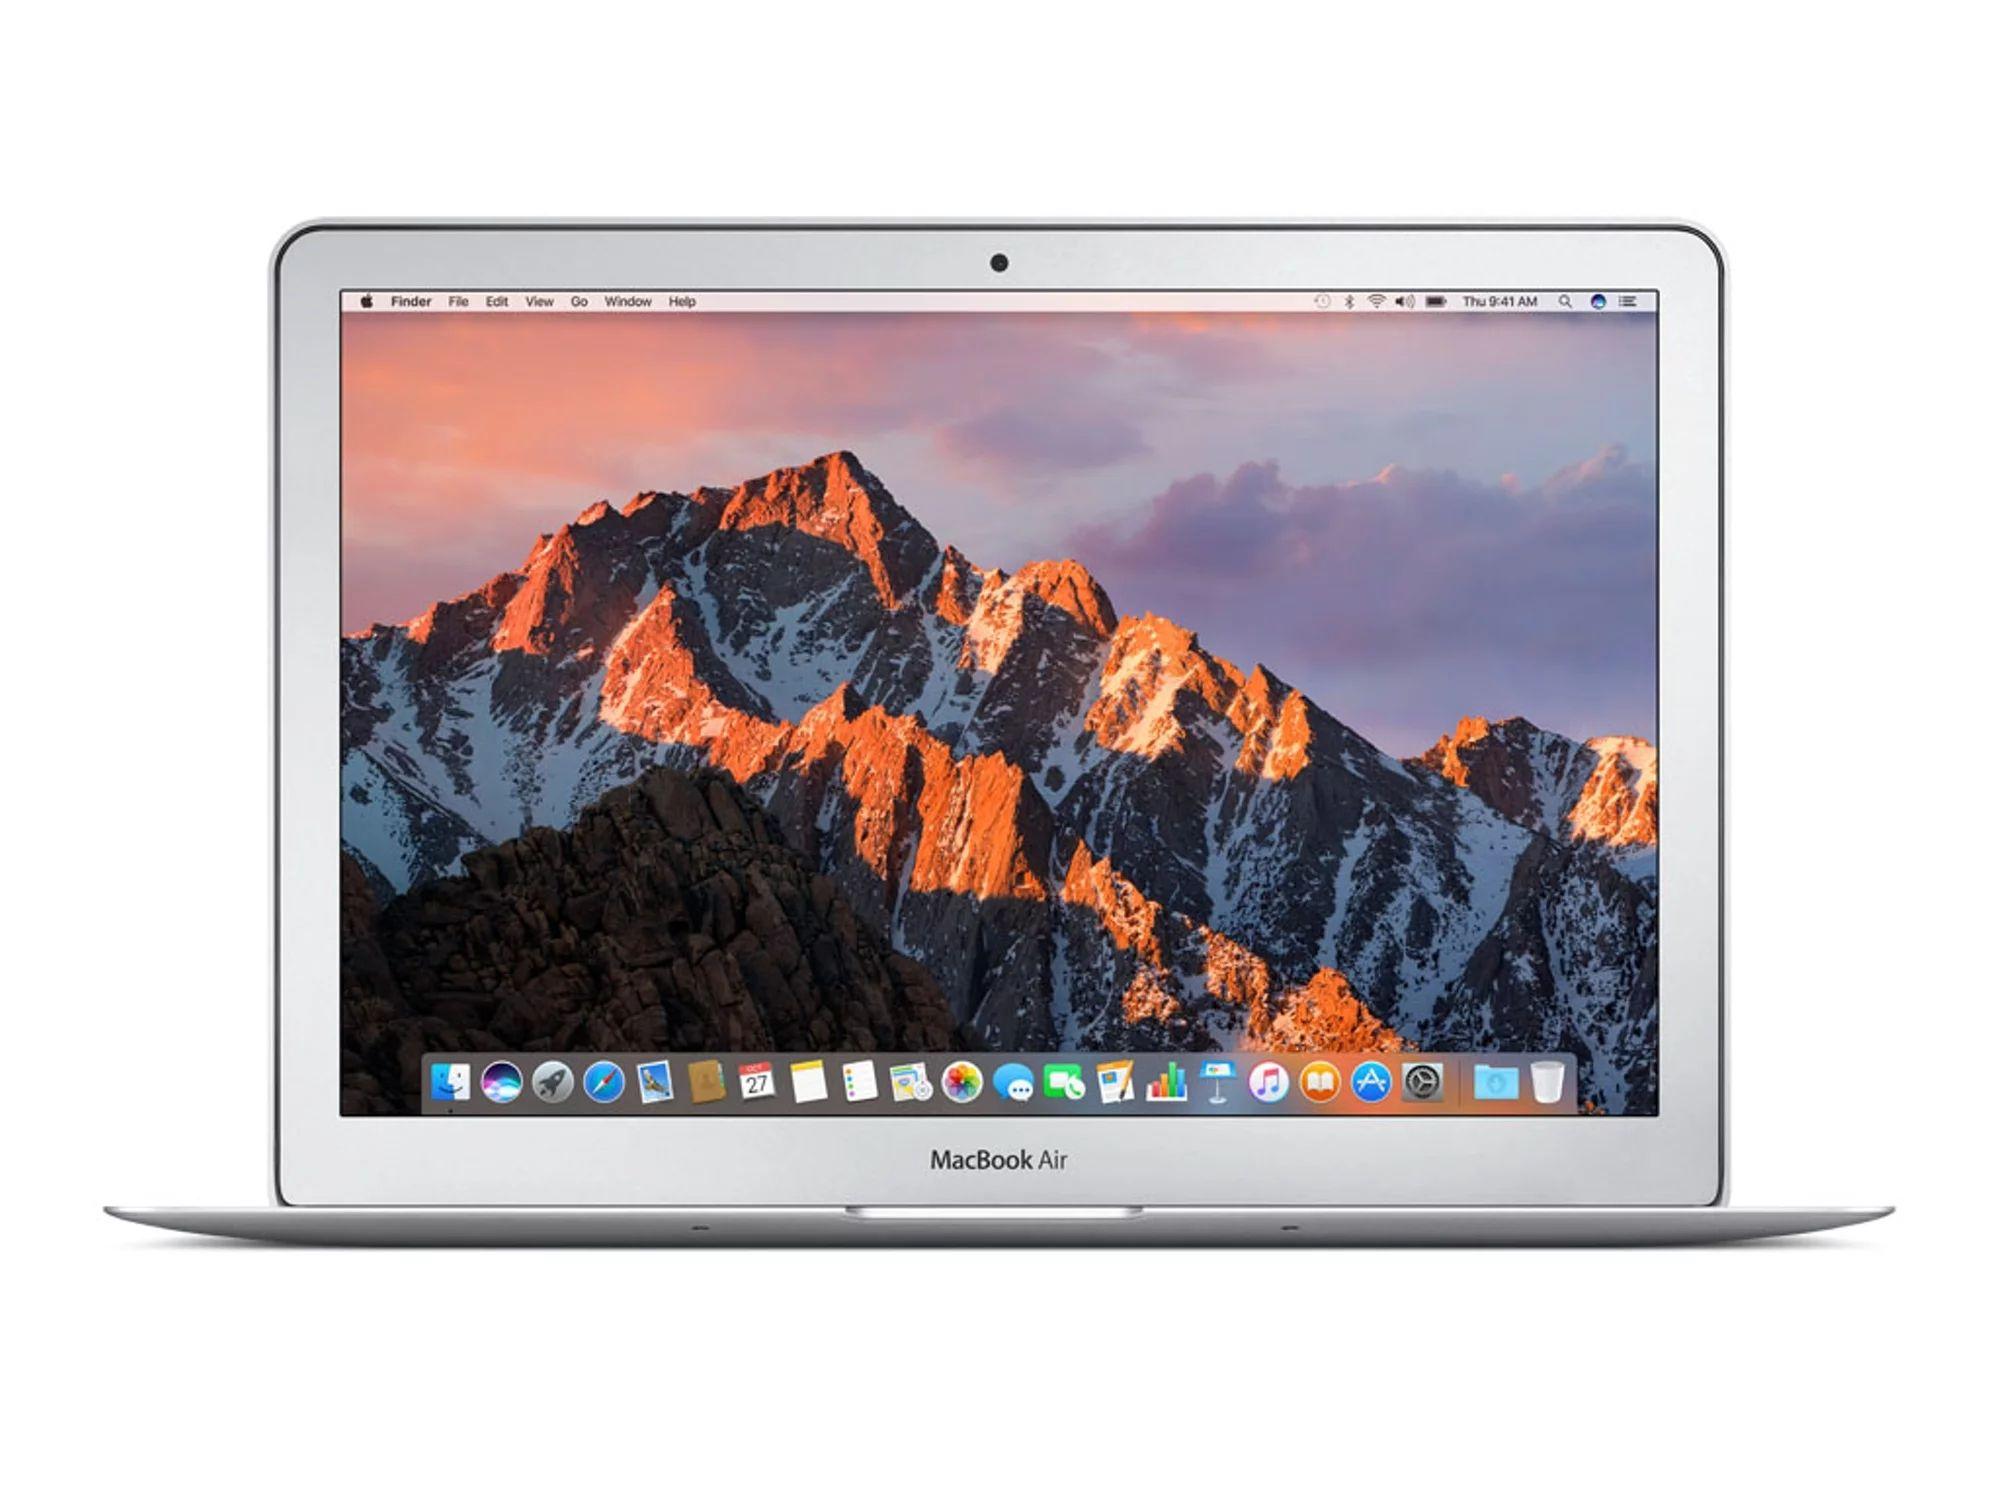 MacBook Air Plata 2017 (13.3'', Intel Core i5, RAM: 8 GB, 128 GB SSD, Intel HD 6000)